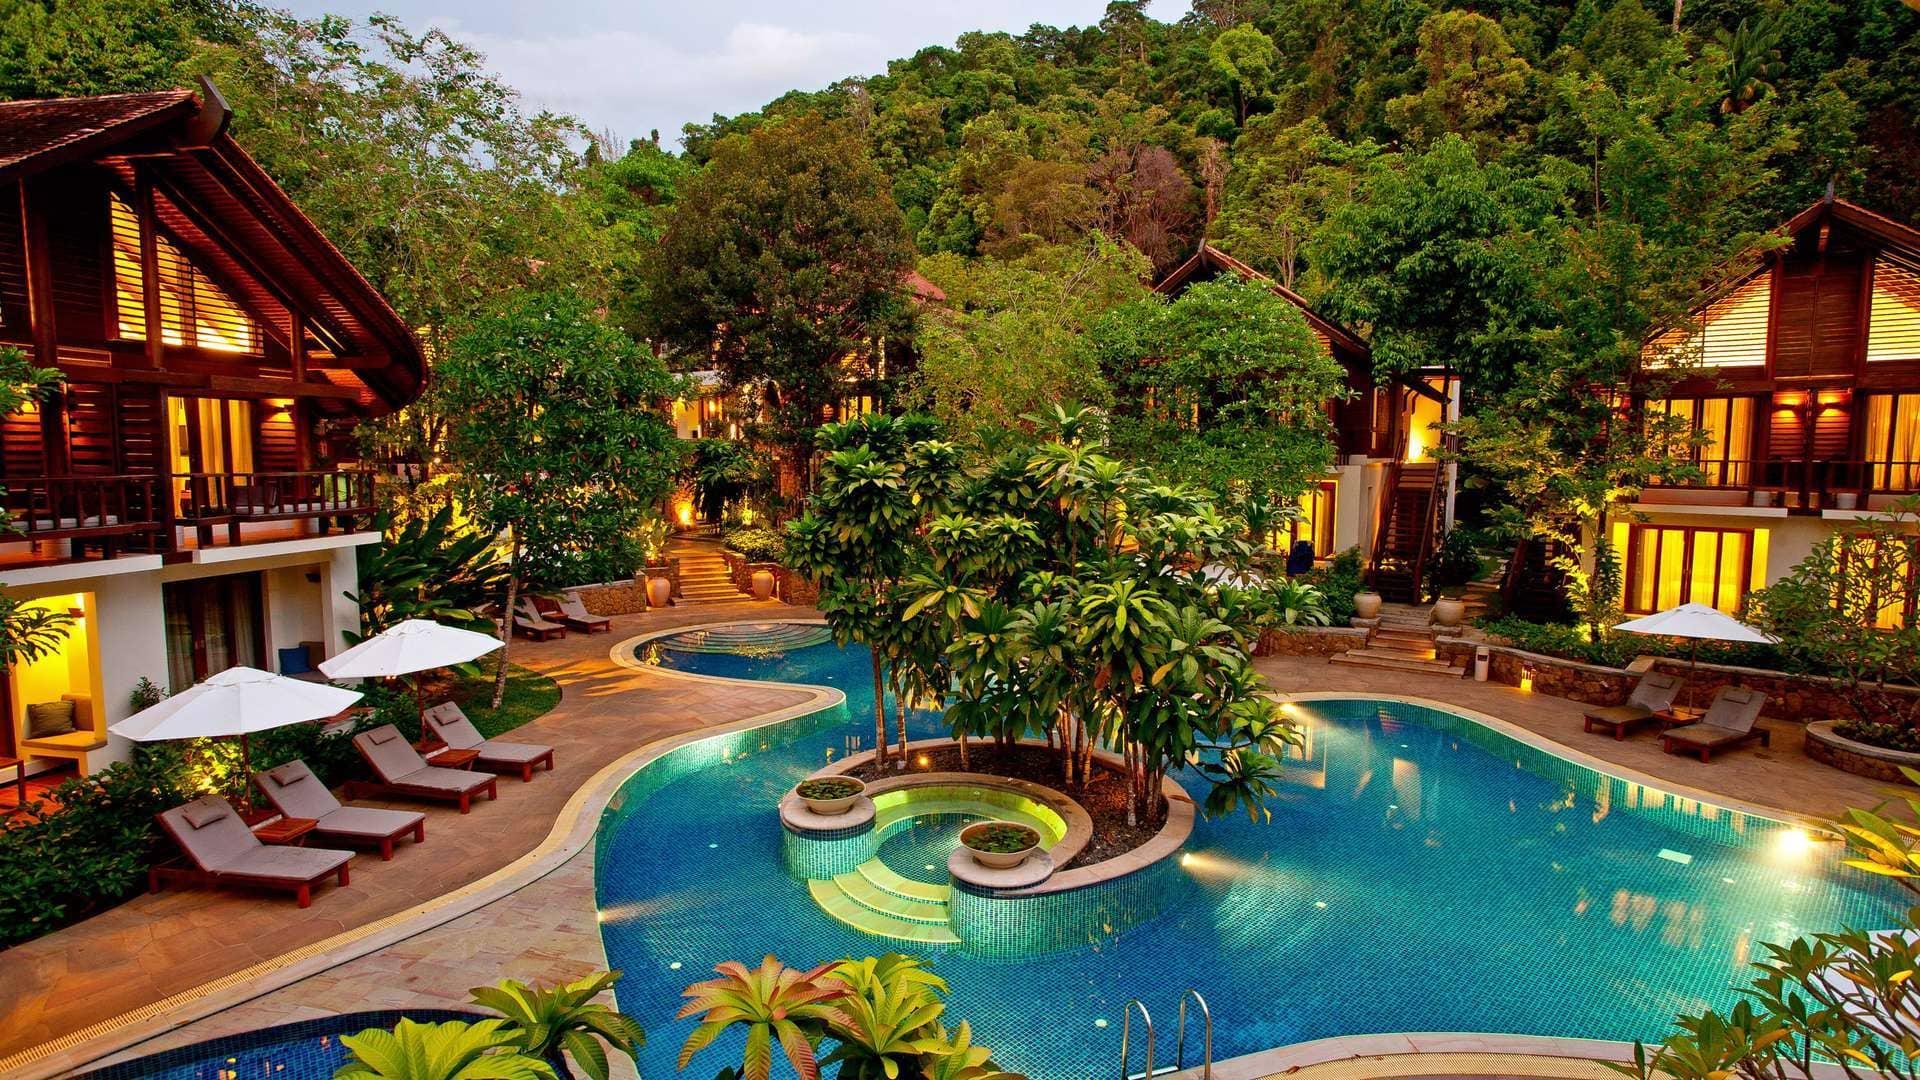 هتلی در کرابی تایلند